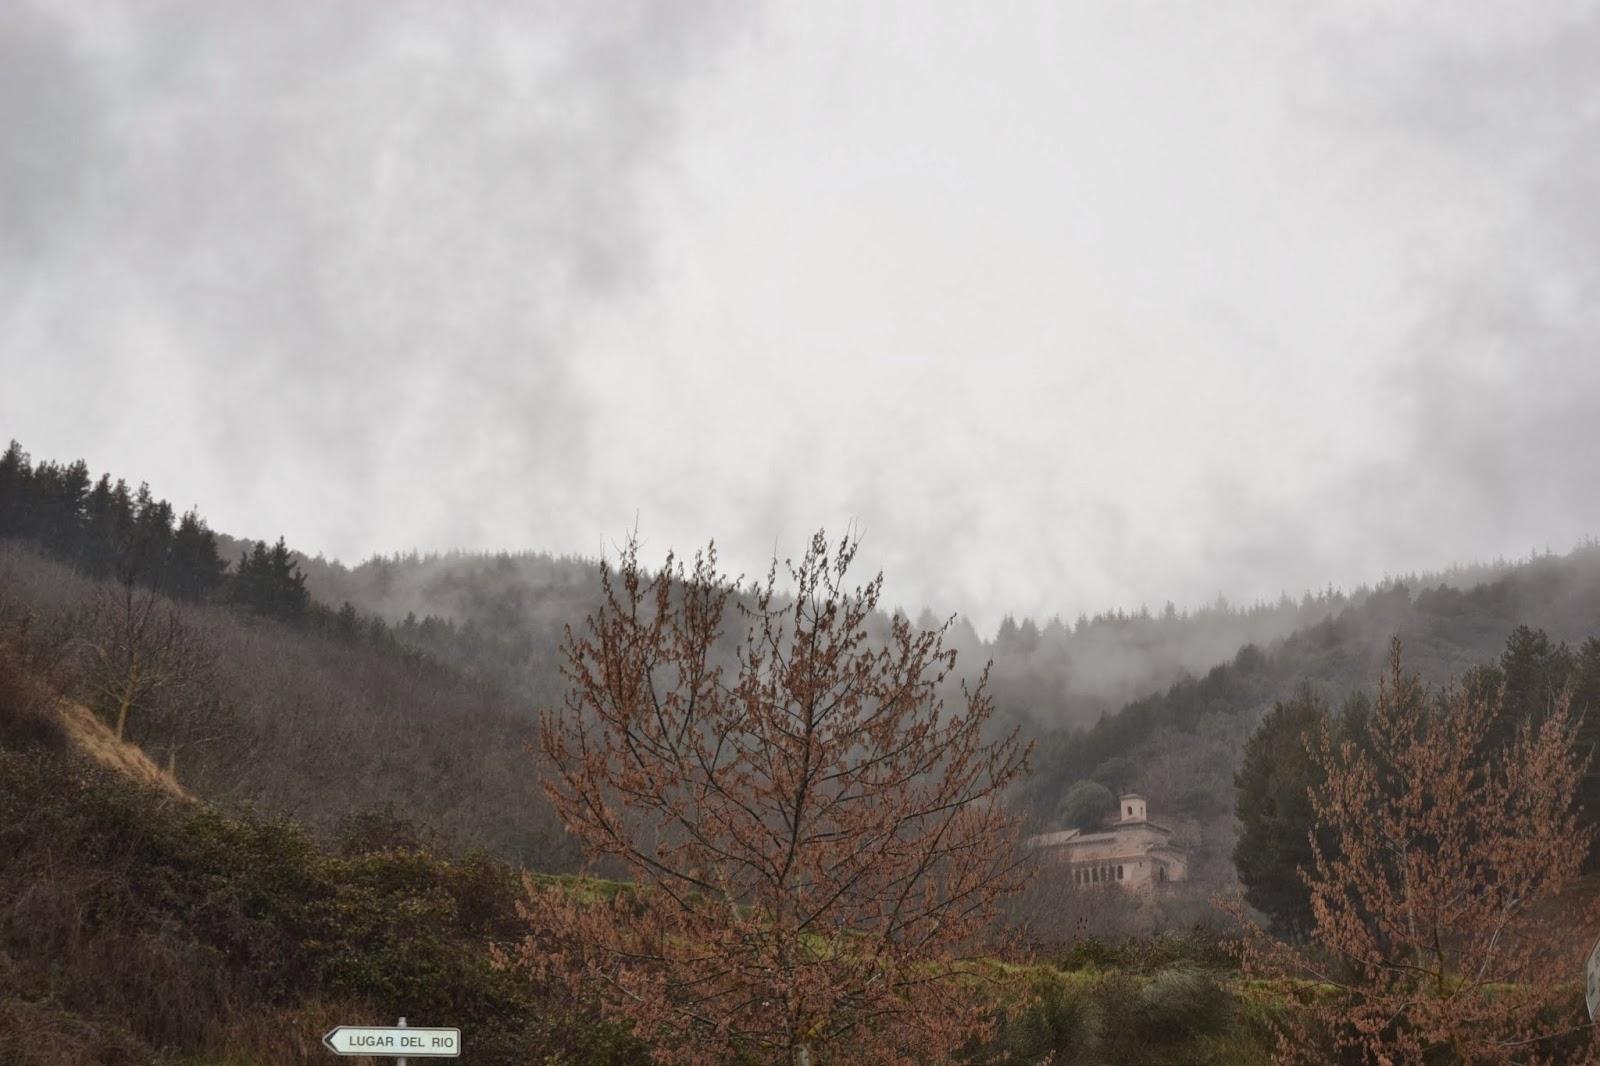 Monasterio de Suso. Guía de viaje de La Rioja Alta. Tu Maleta.